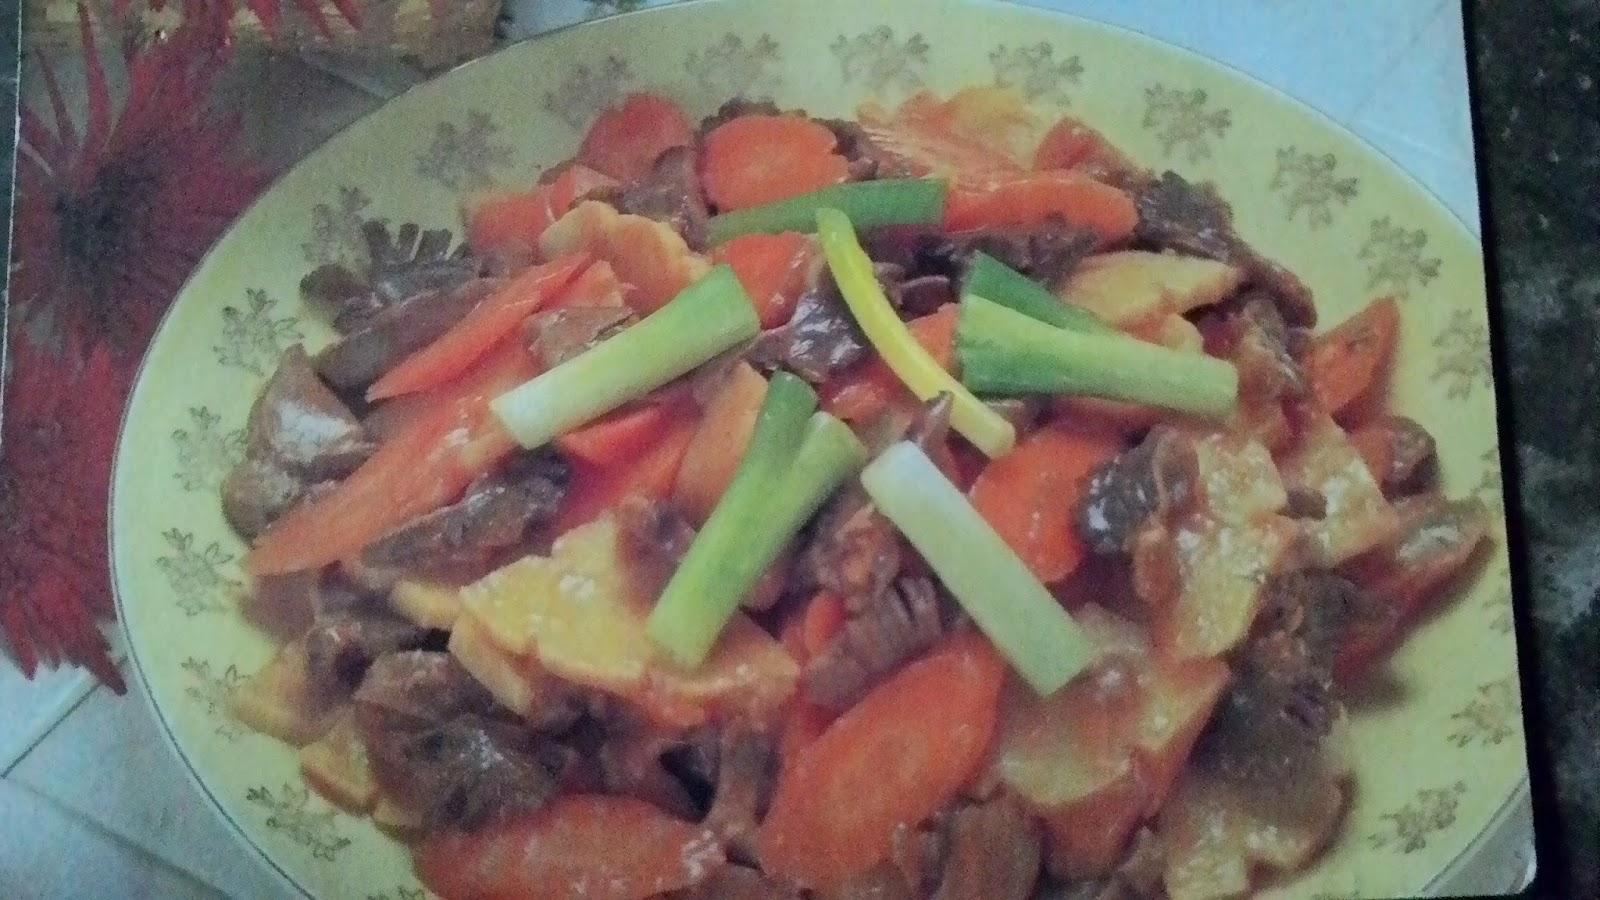 Resep Makanan Cah ati ampela dan Rebung, lengkpa dengan Carannya